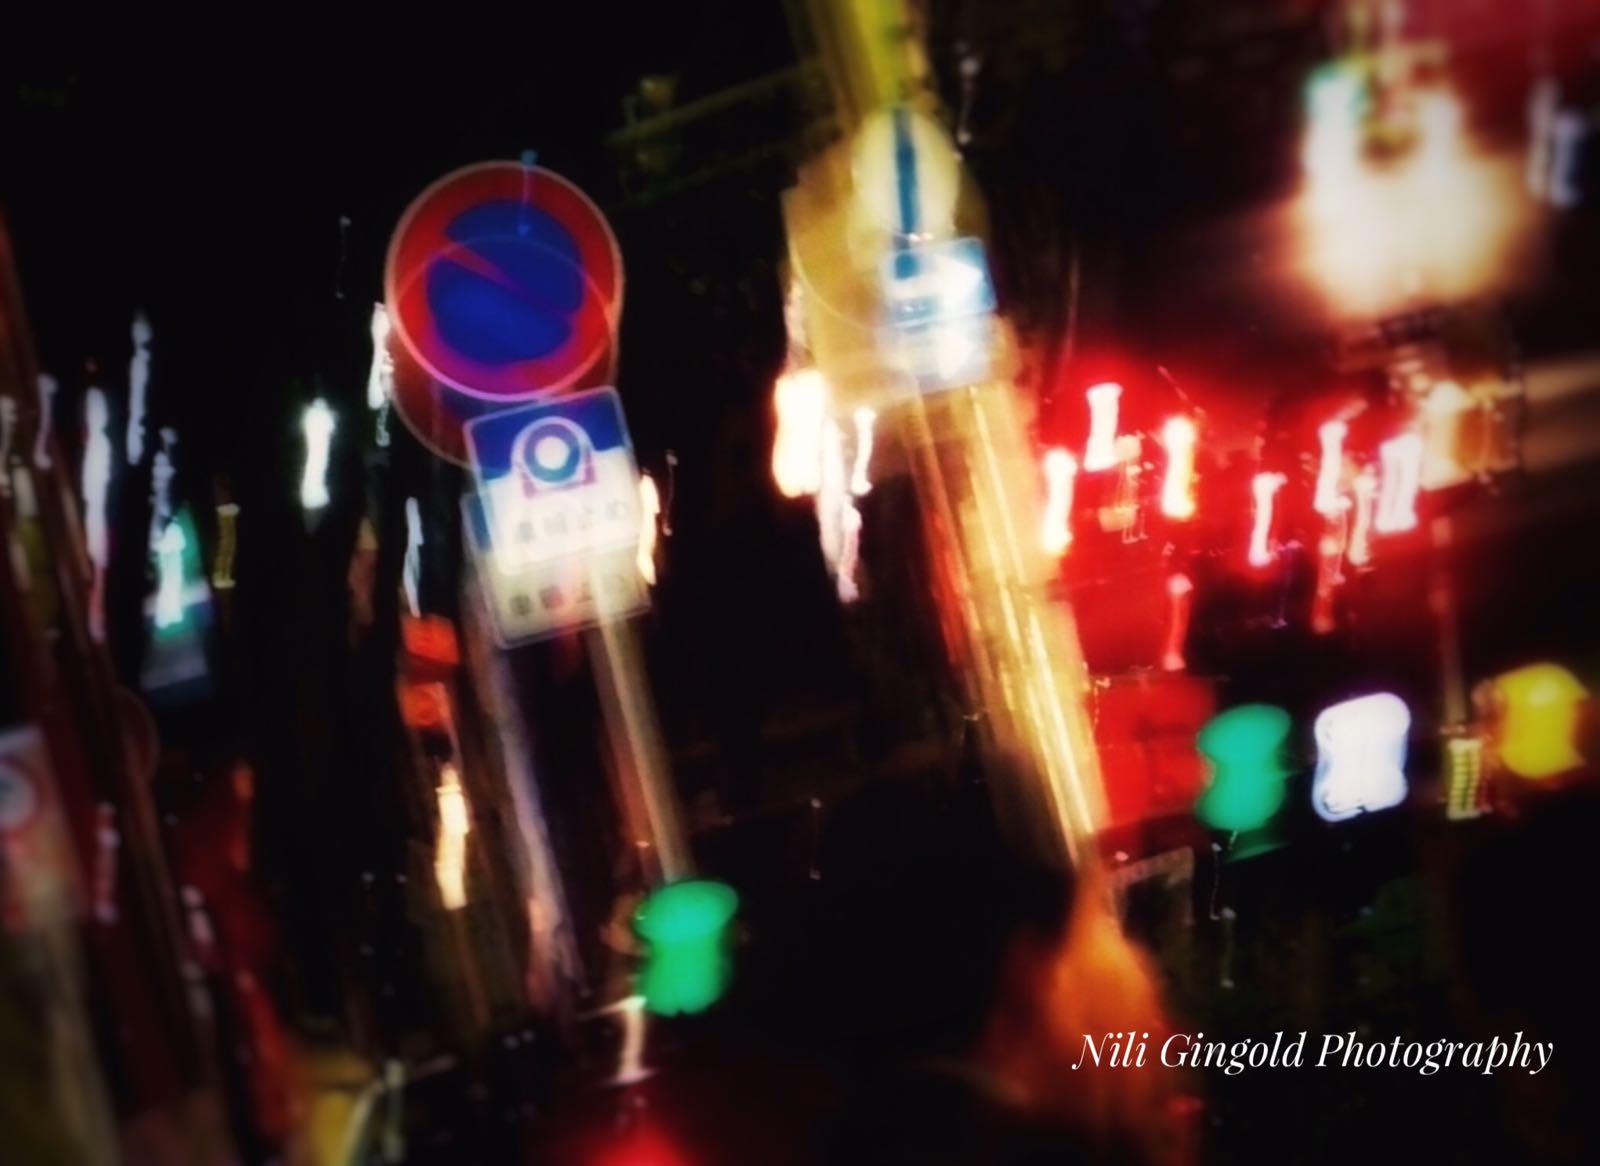 שיר על התמונה עם המשוררת נילי גינגולד-אלשיך